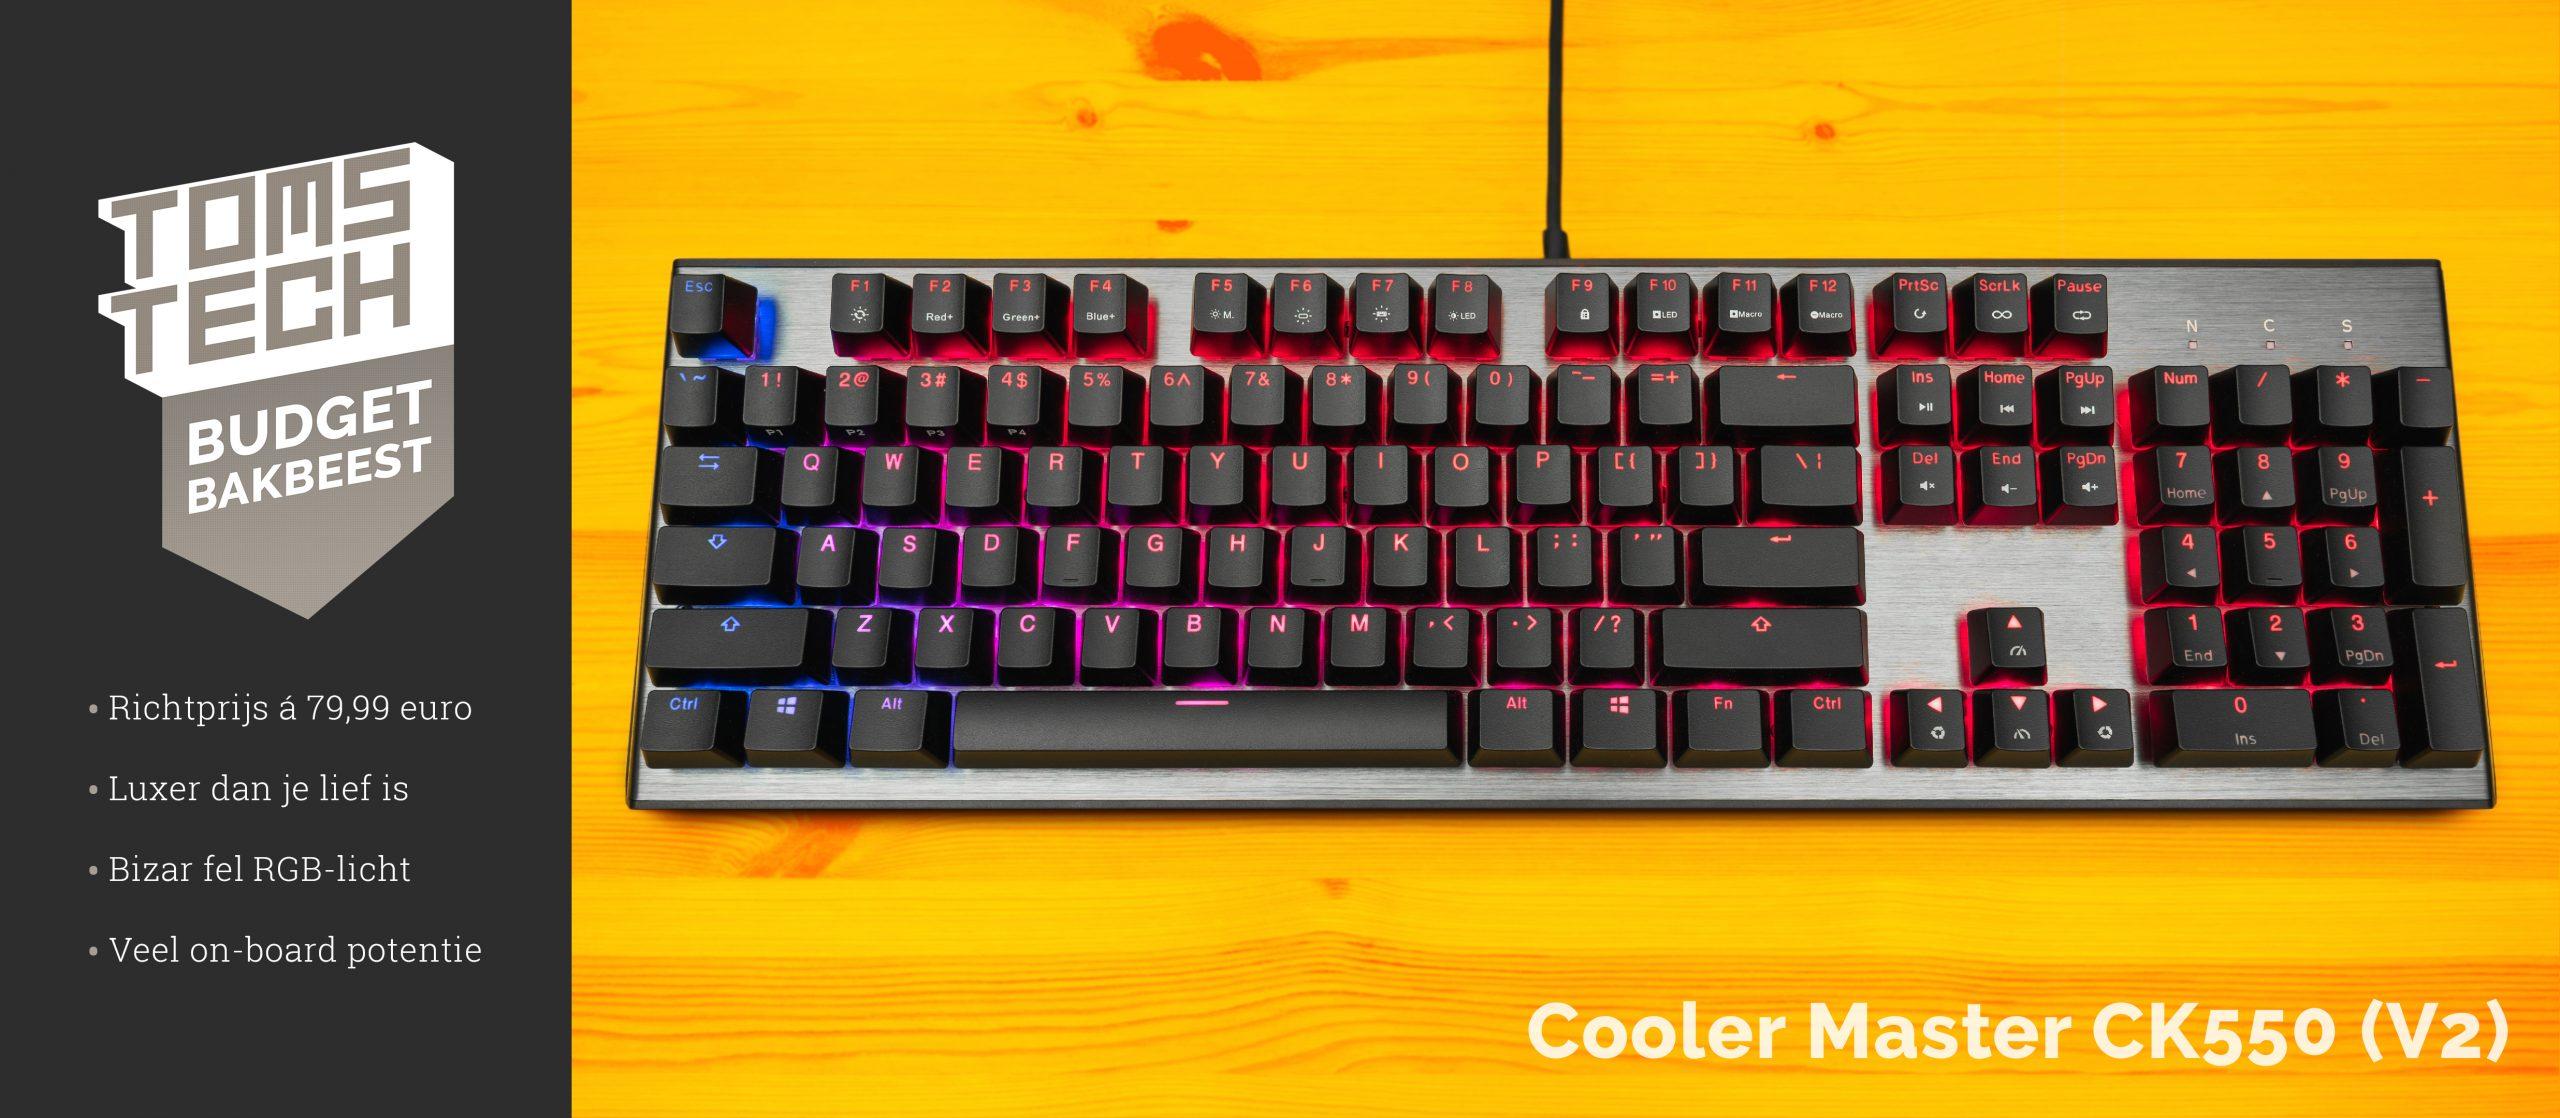 """Het eerste """"Budget Bakbeest"""" is de Cooler Master CK550 (V2) — Een toetsenbord dat ontiegelijk veel luxe voor een minder prijsje biedt."""